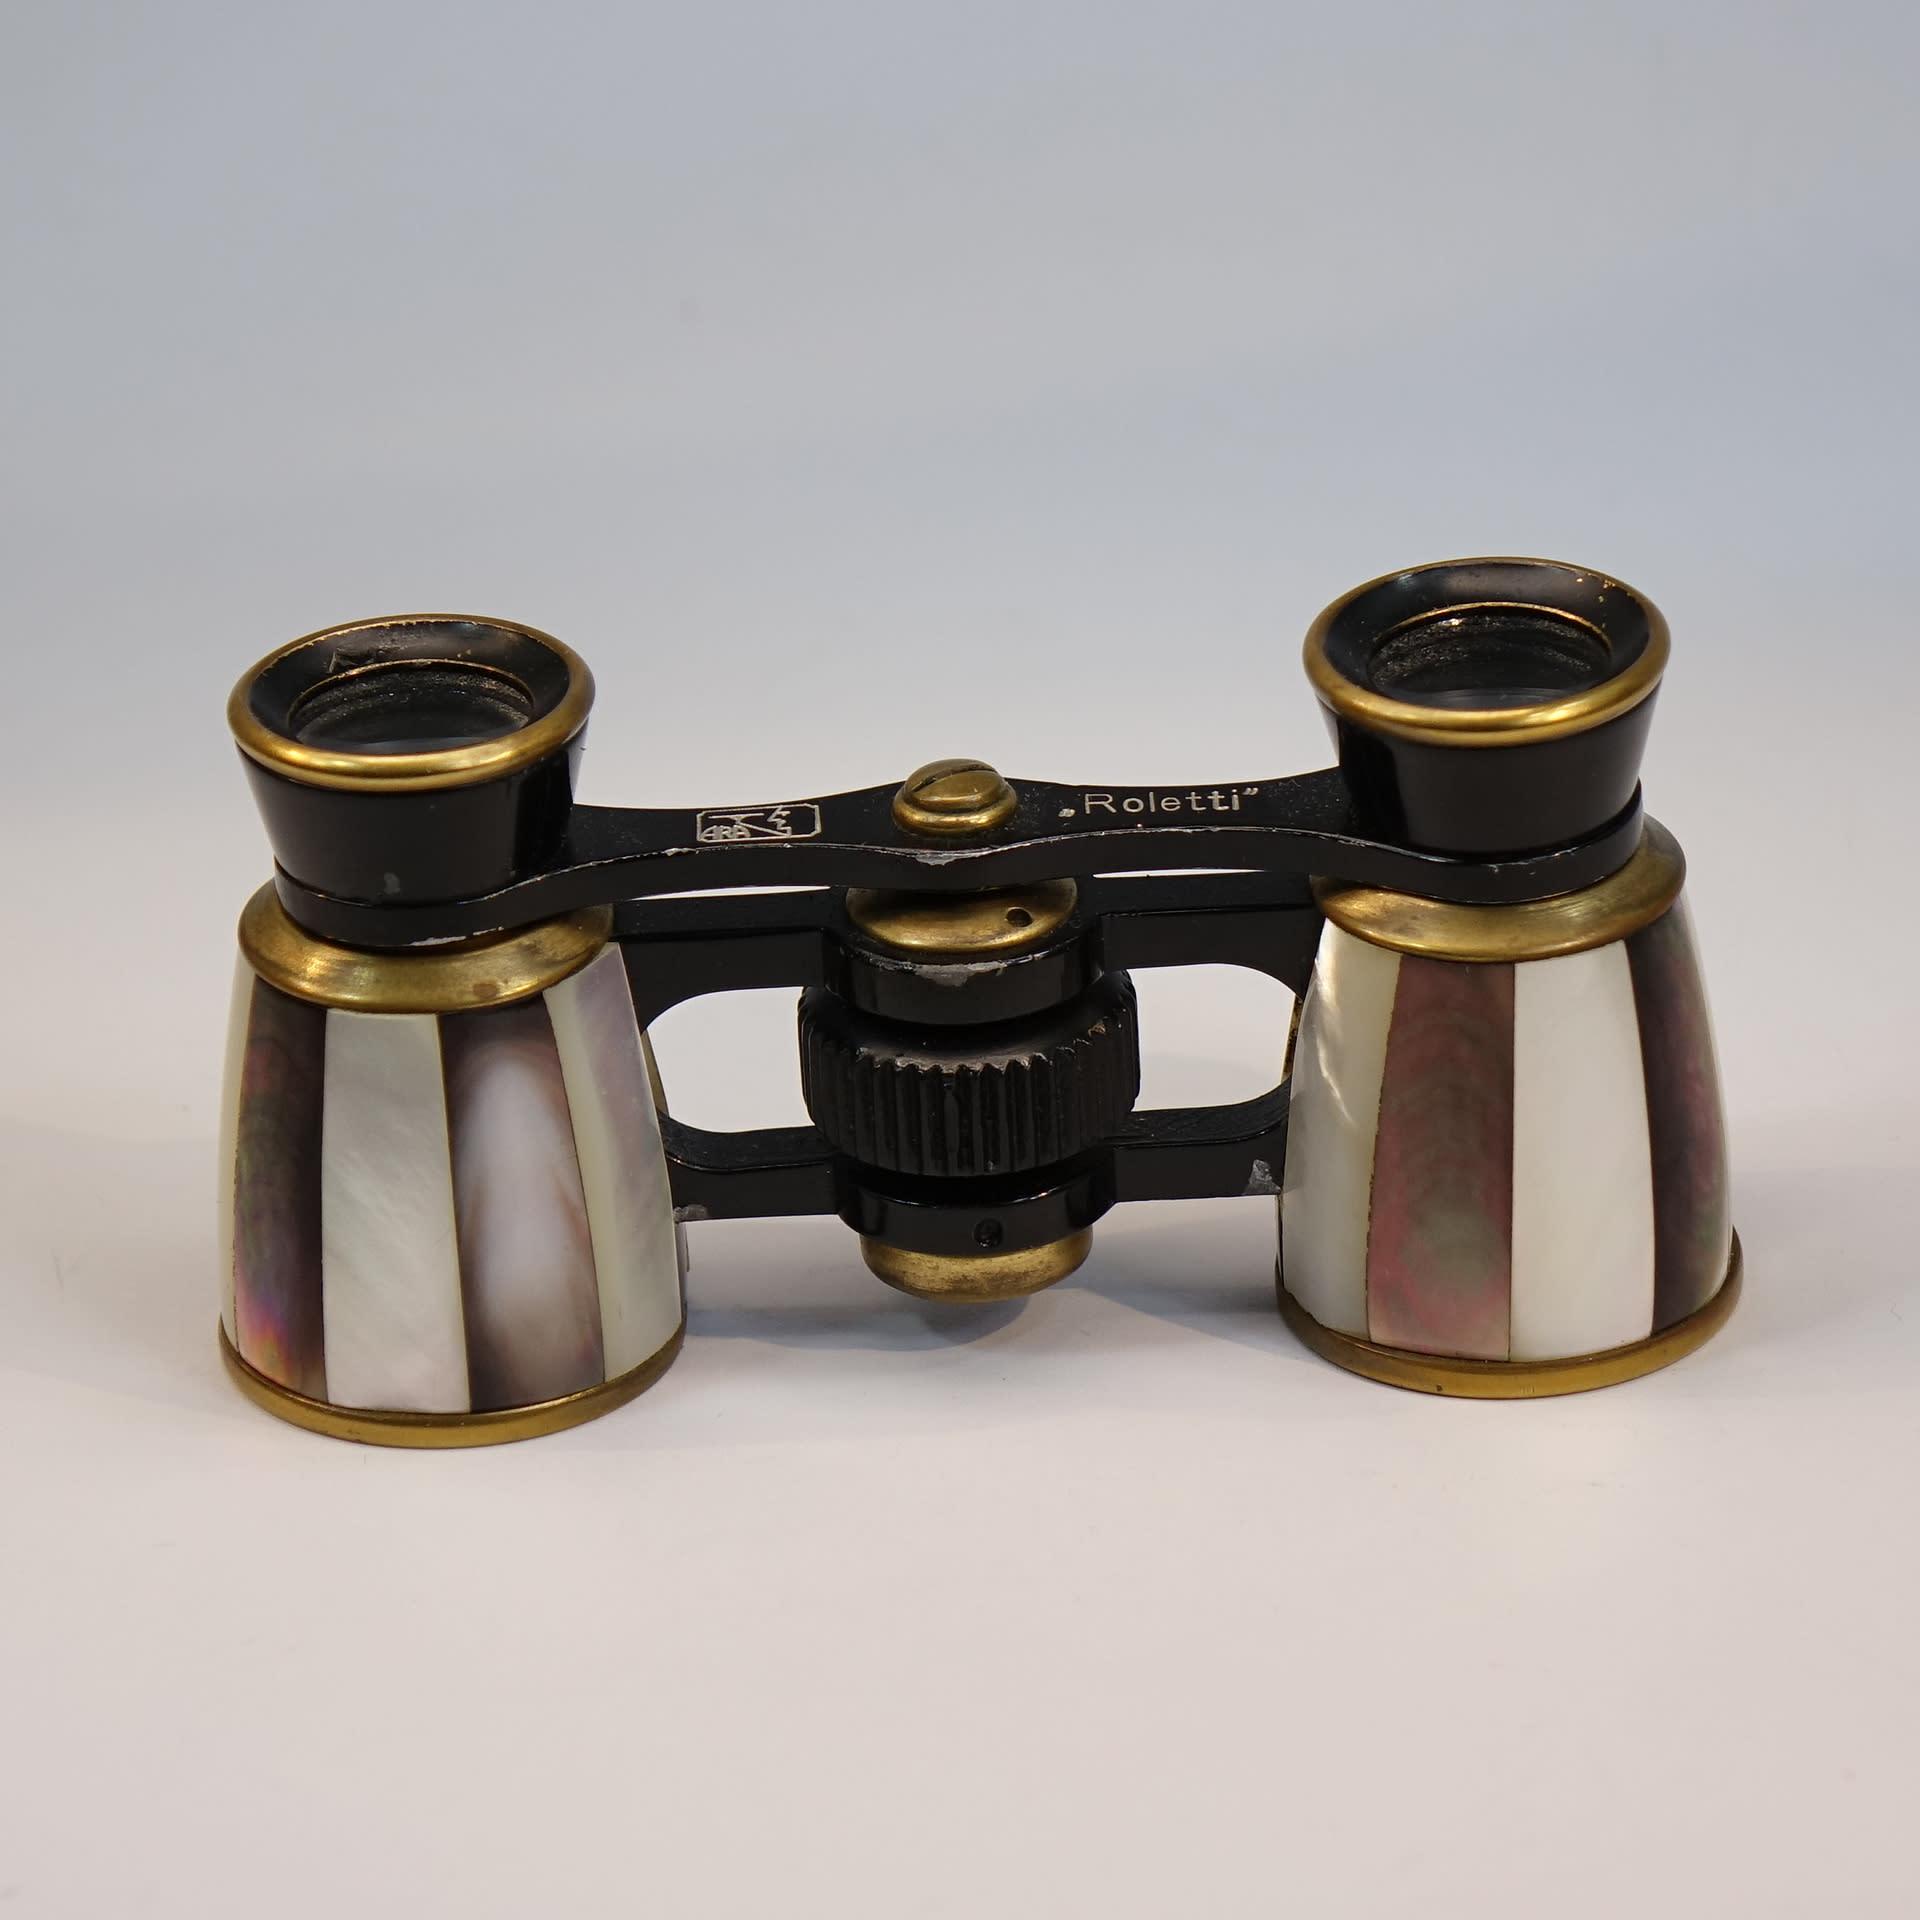 義大利母貝紫貝古董歌劇望遠鏡